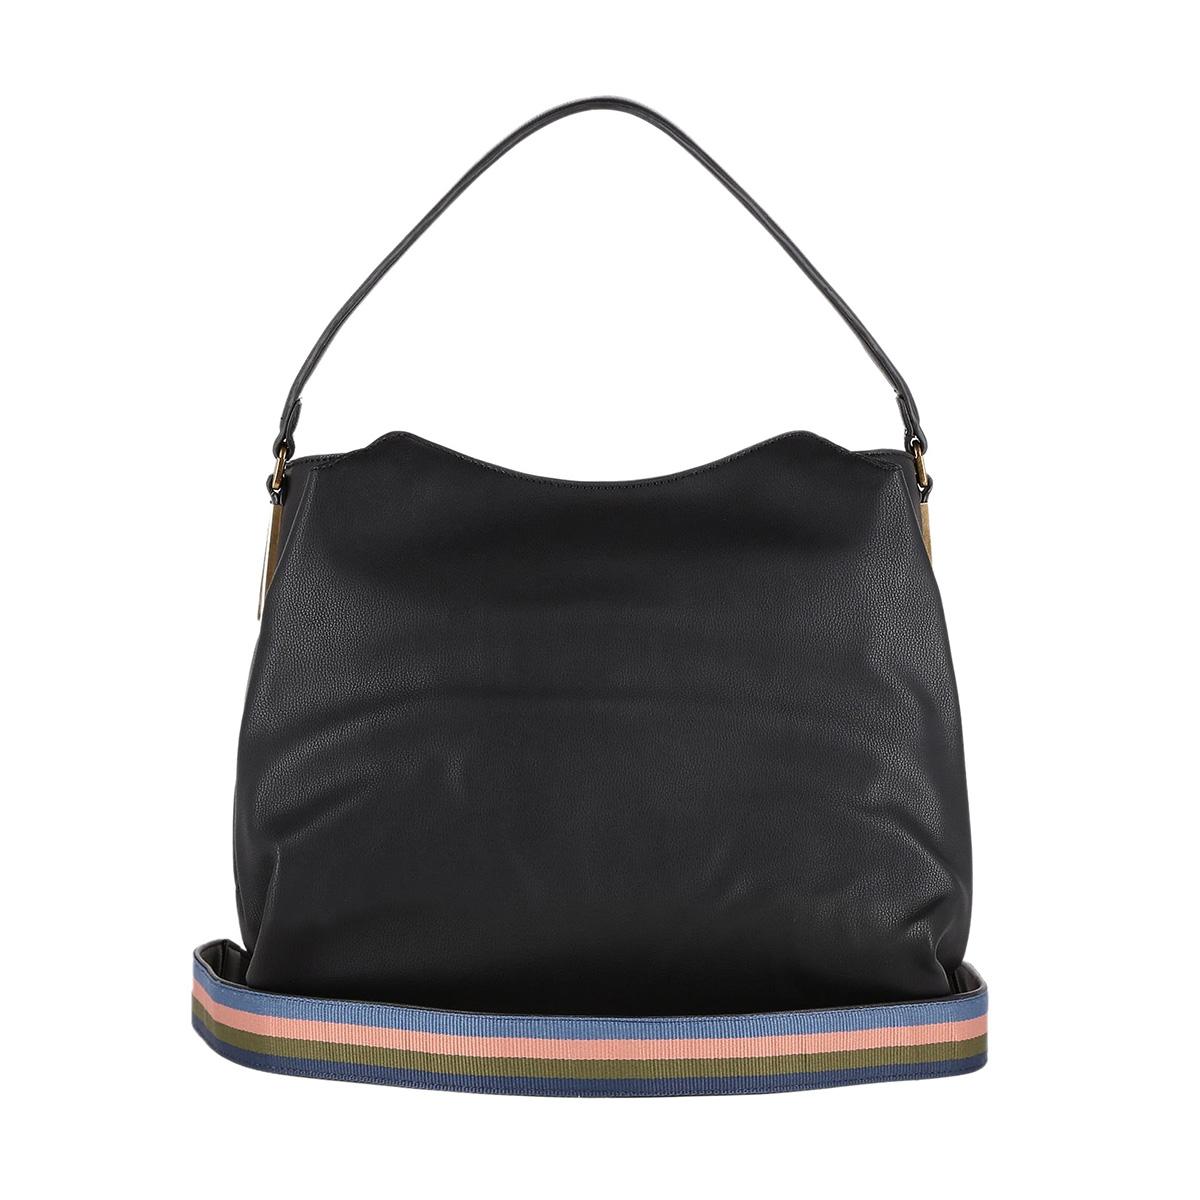 Τσάντα Ώμου Trussardi Jeans Rabarbaro Hobo Bag Ecoleather 75B00429 Μαύρη 2c2383e1f86